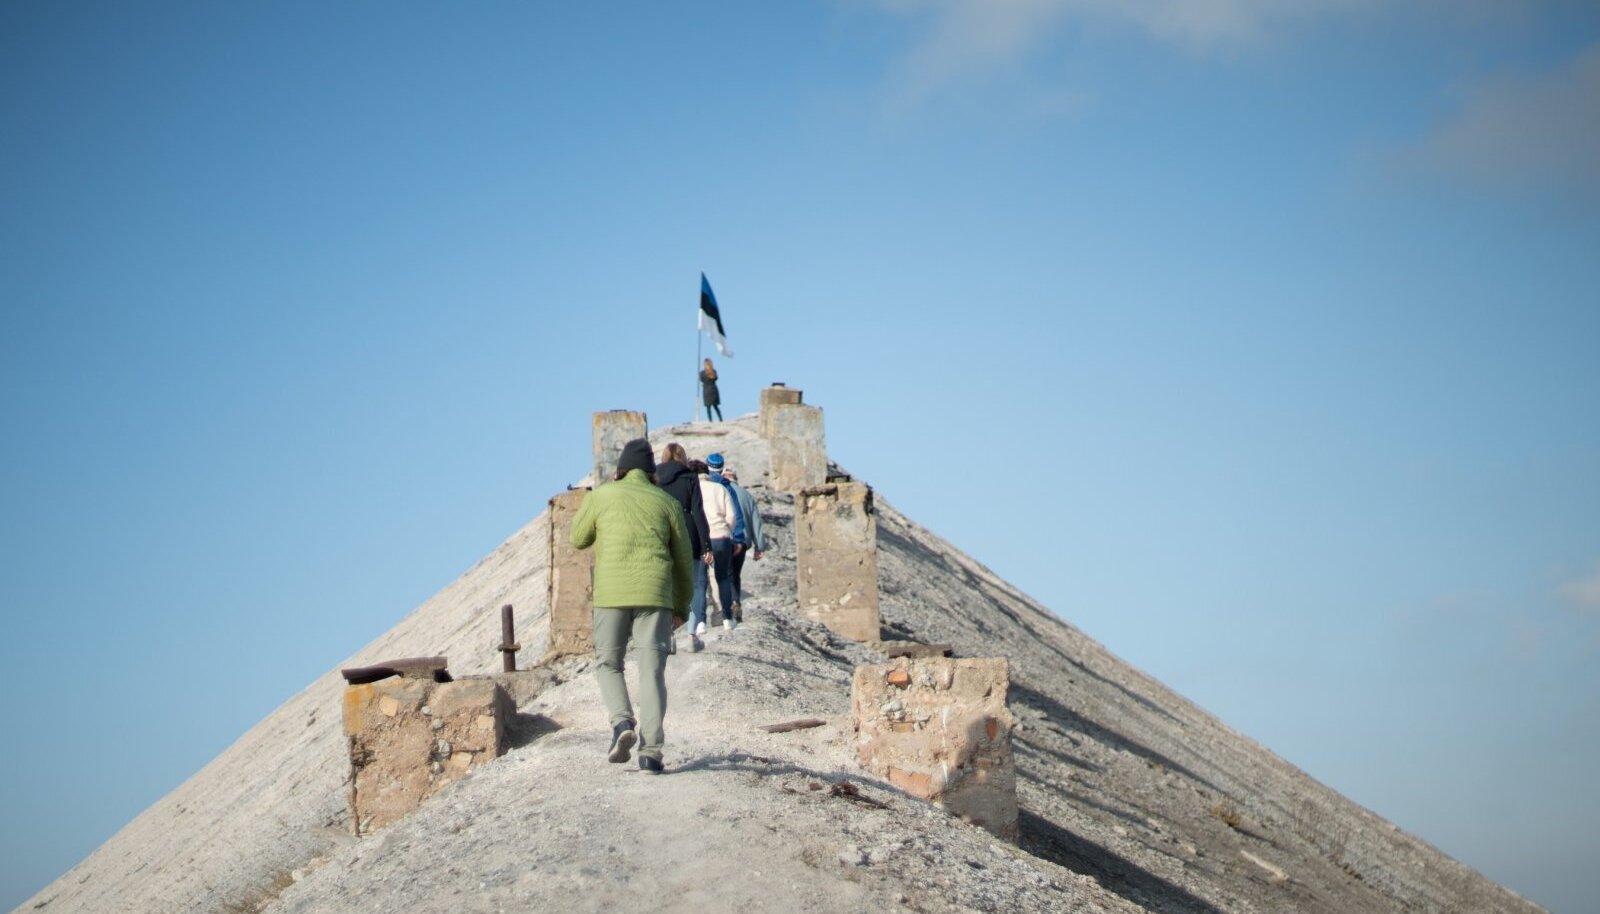 Teekond päris tuhamäe tippu on nüüdsest turismiatraktsioonina huvilistele kättesaadav.